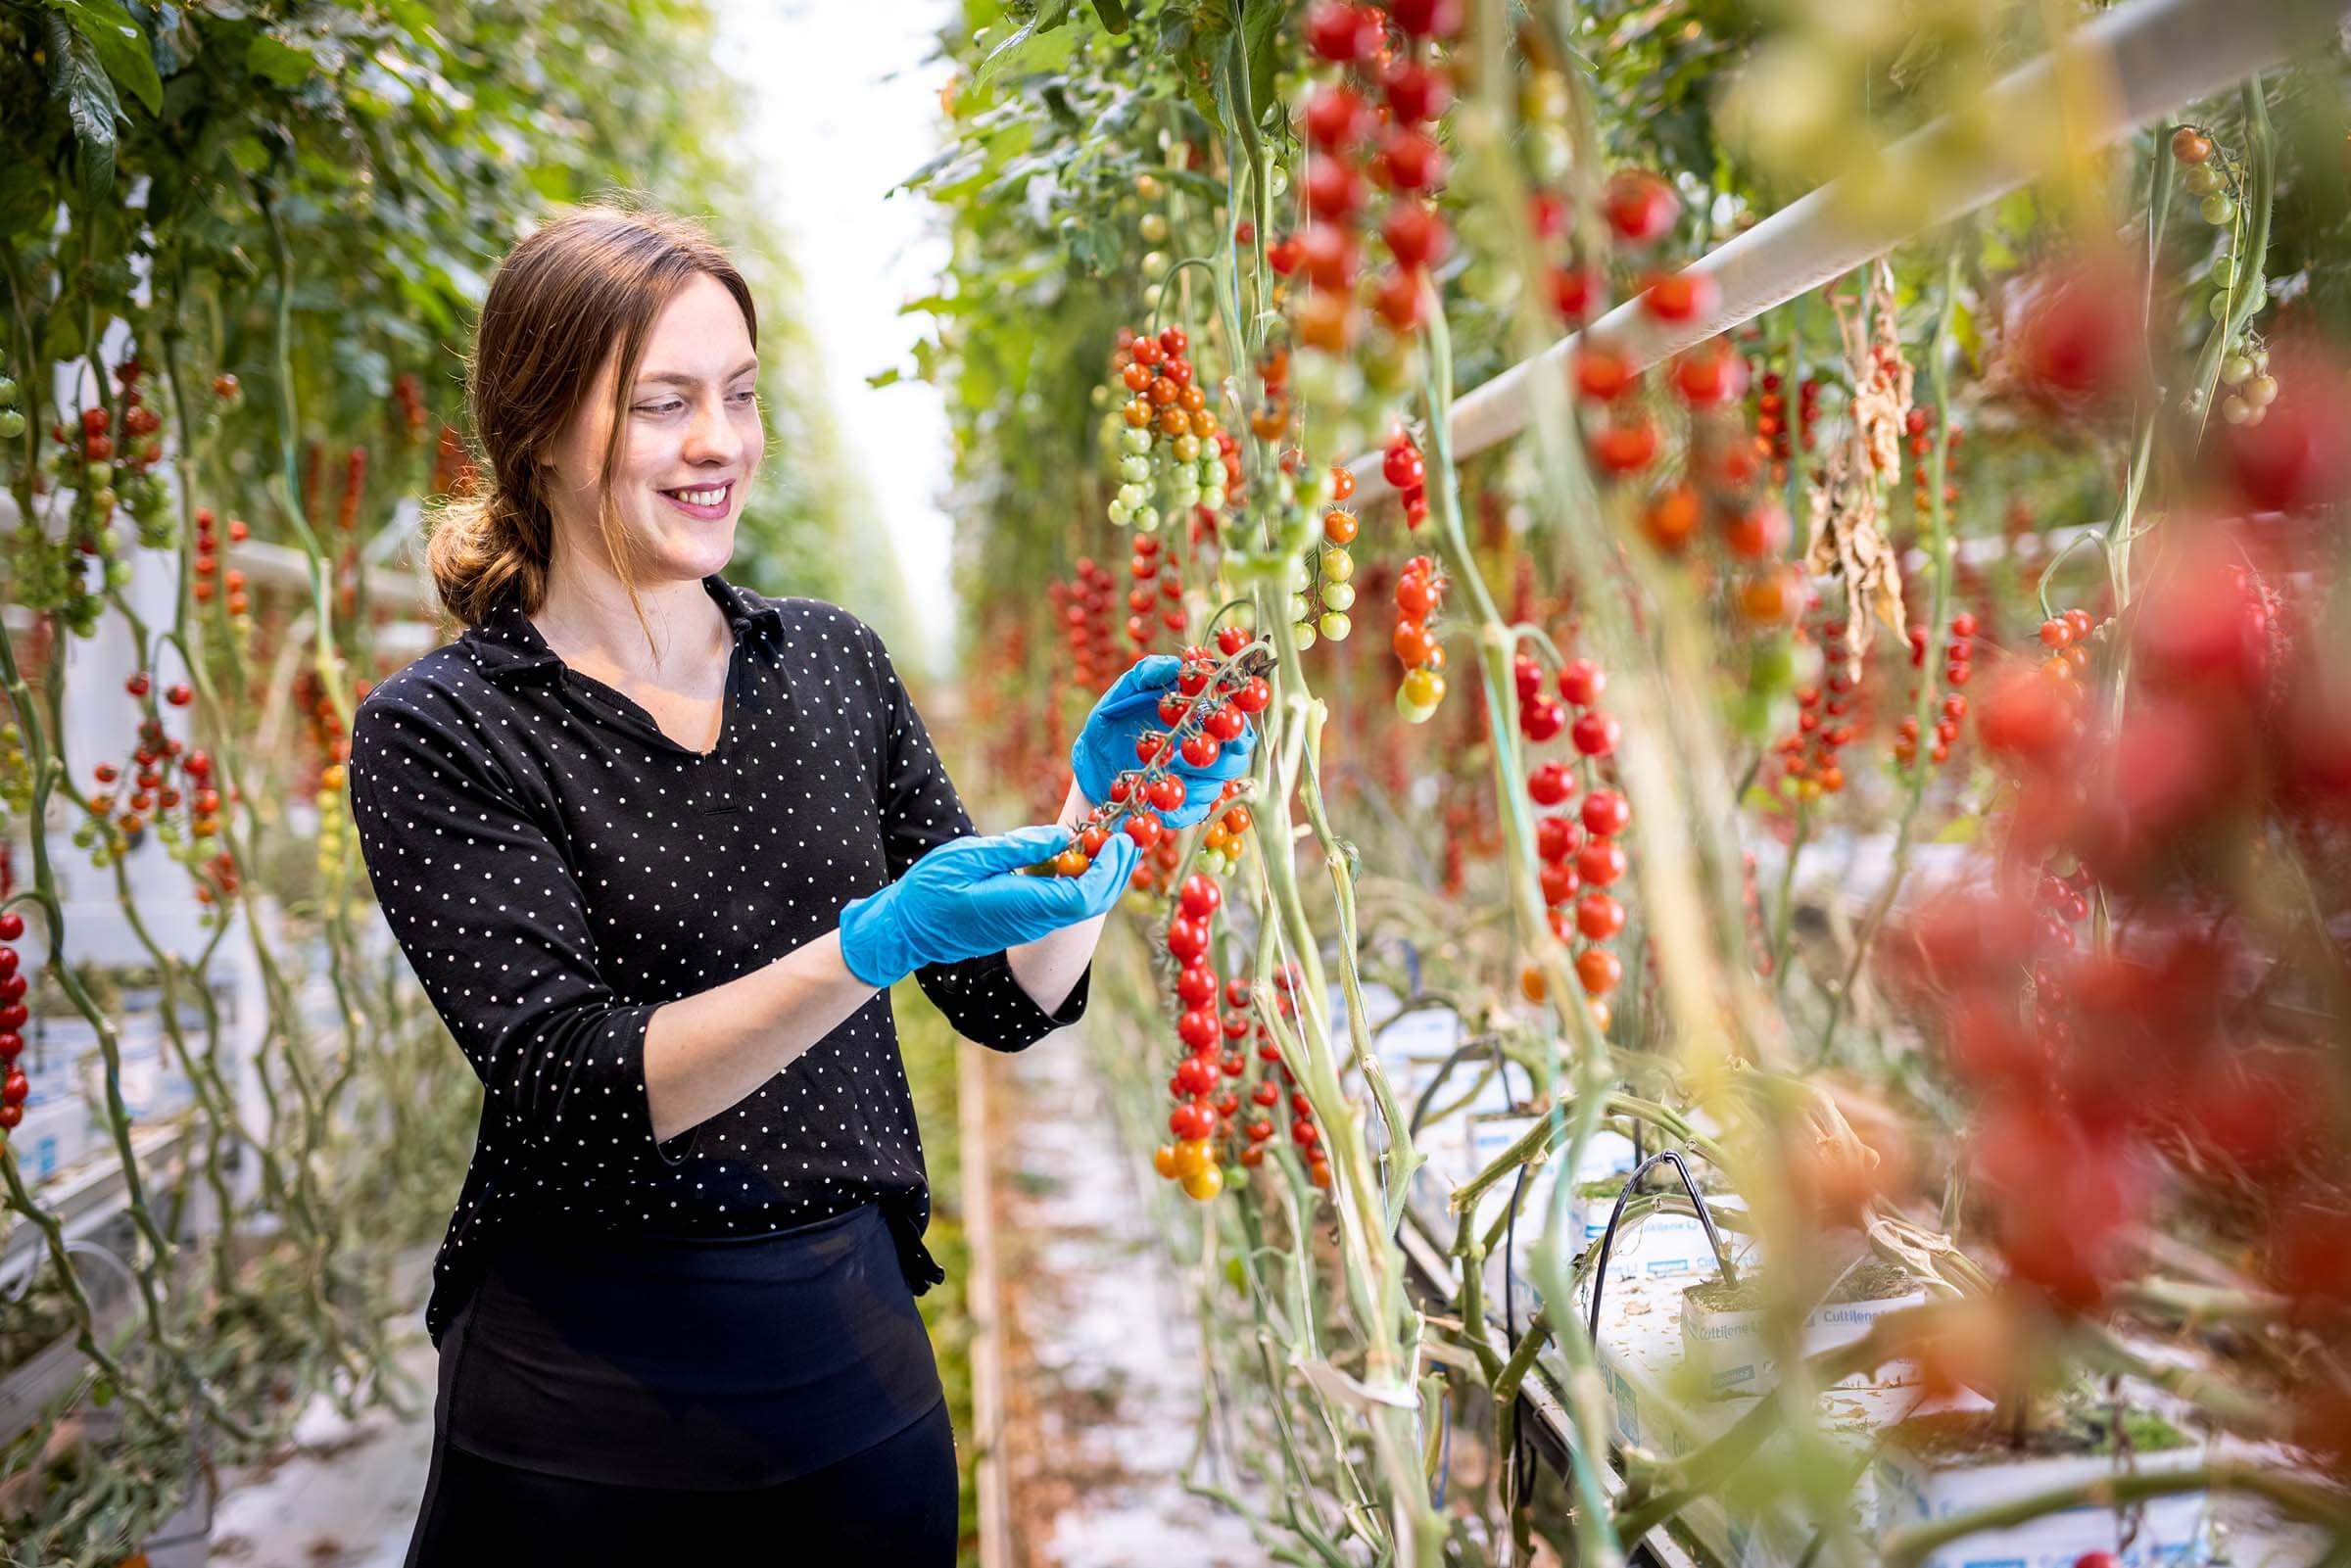 spikers werken in kassen tuinbouw